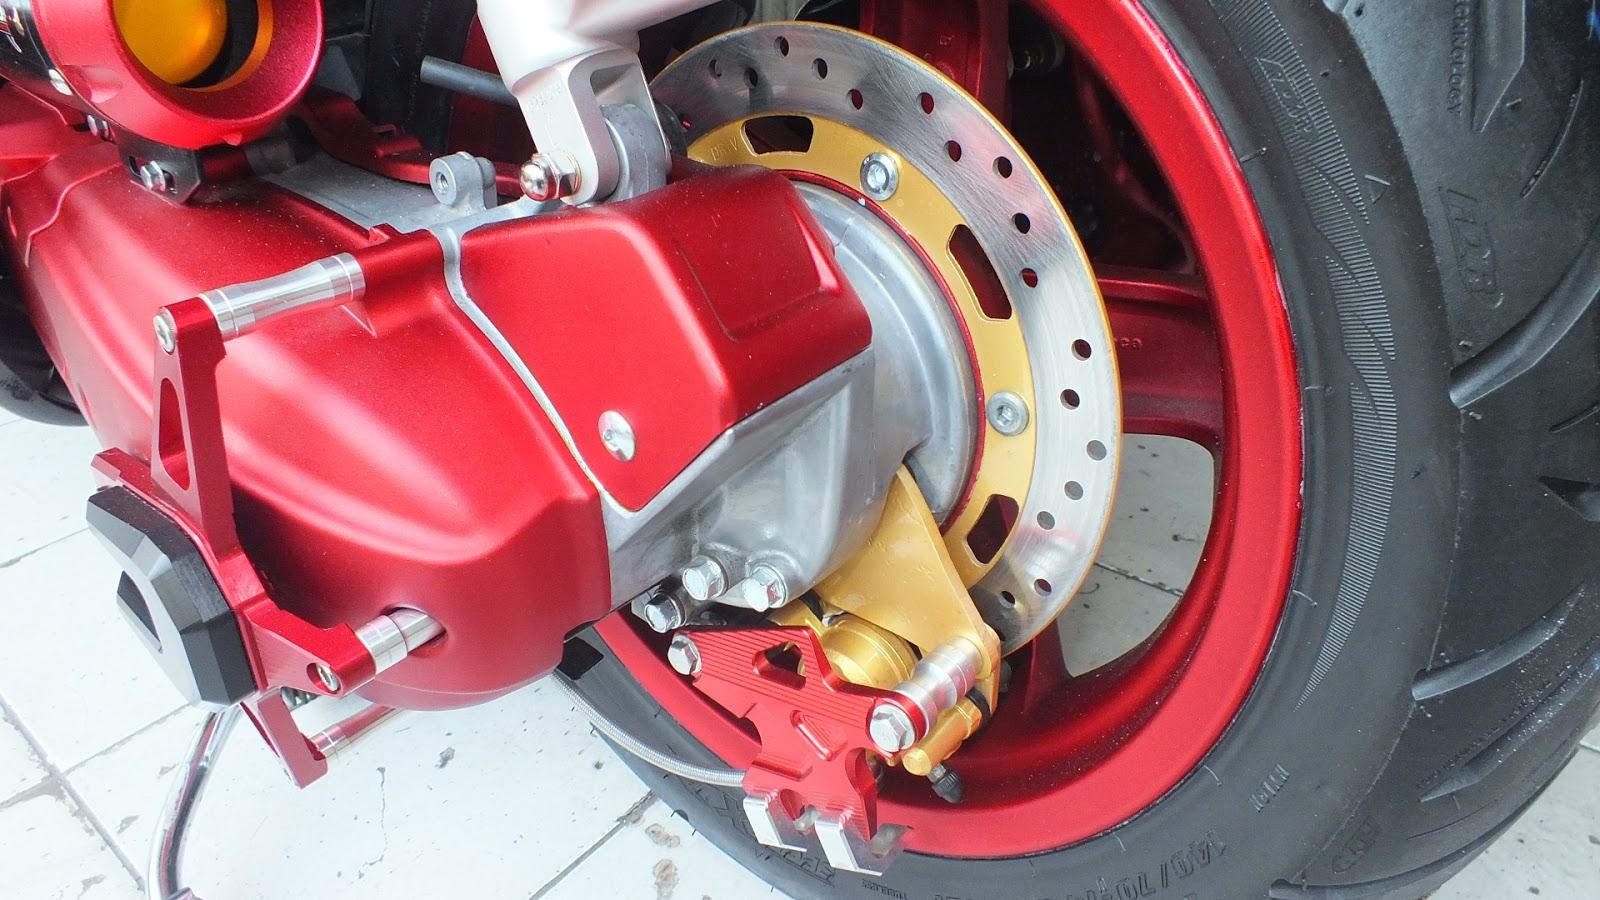 Modifikasi Motor Mio Cakram Belakang Pecinta Modifikasi